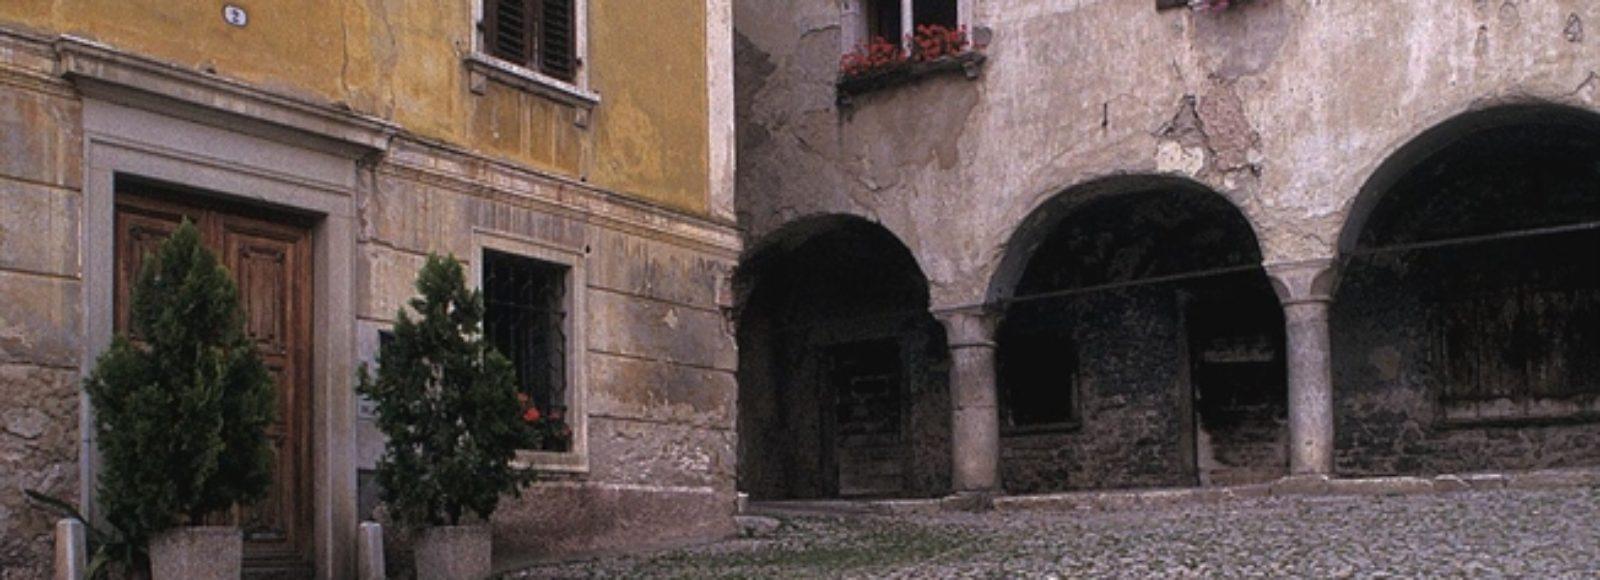 Pieve Tesino - Piazza Maggiore